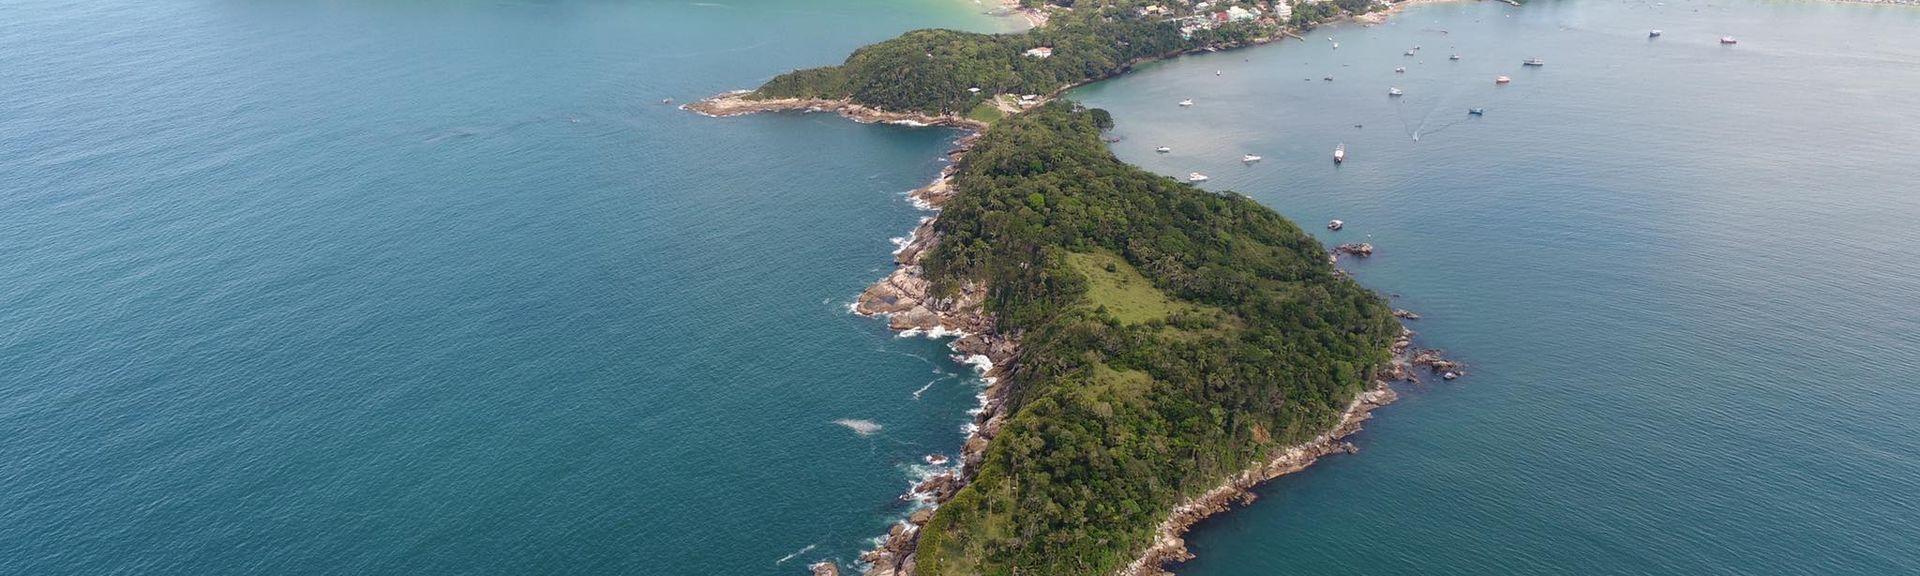 Praia de Bombinhas, Bombinhas, Região Sul, Brasil